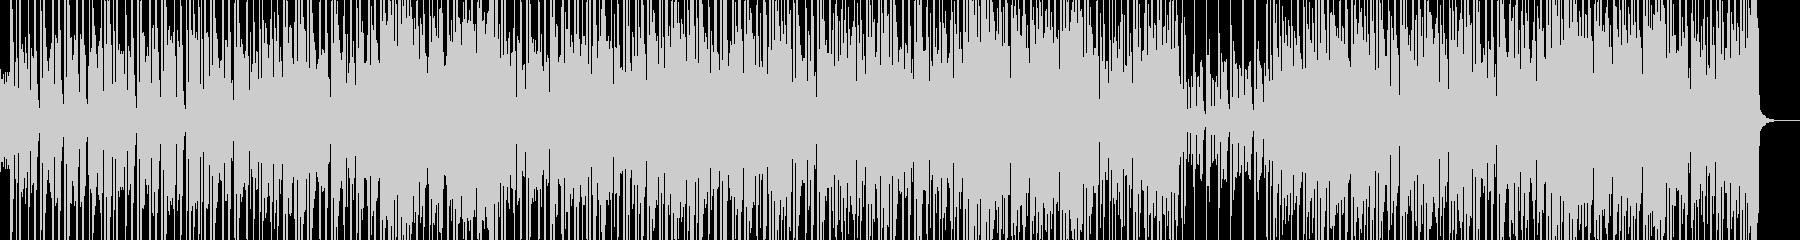 CM向けファンクトラックの未再生の波形